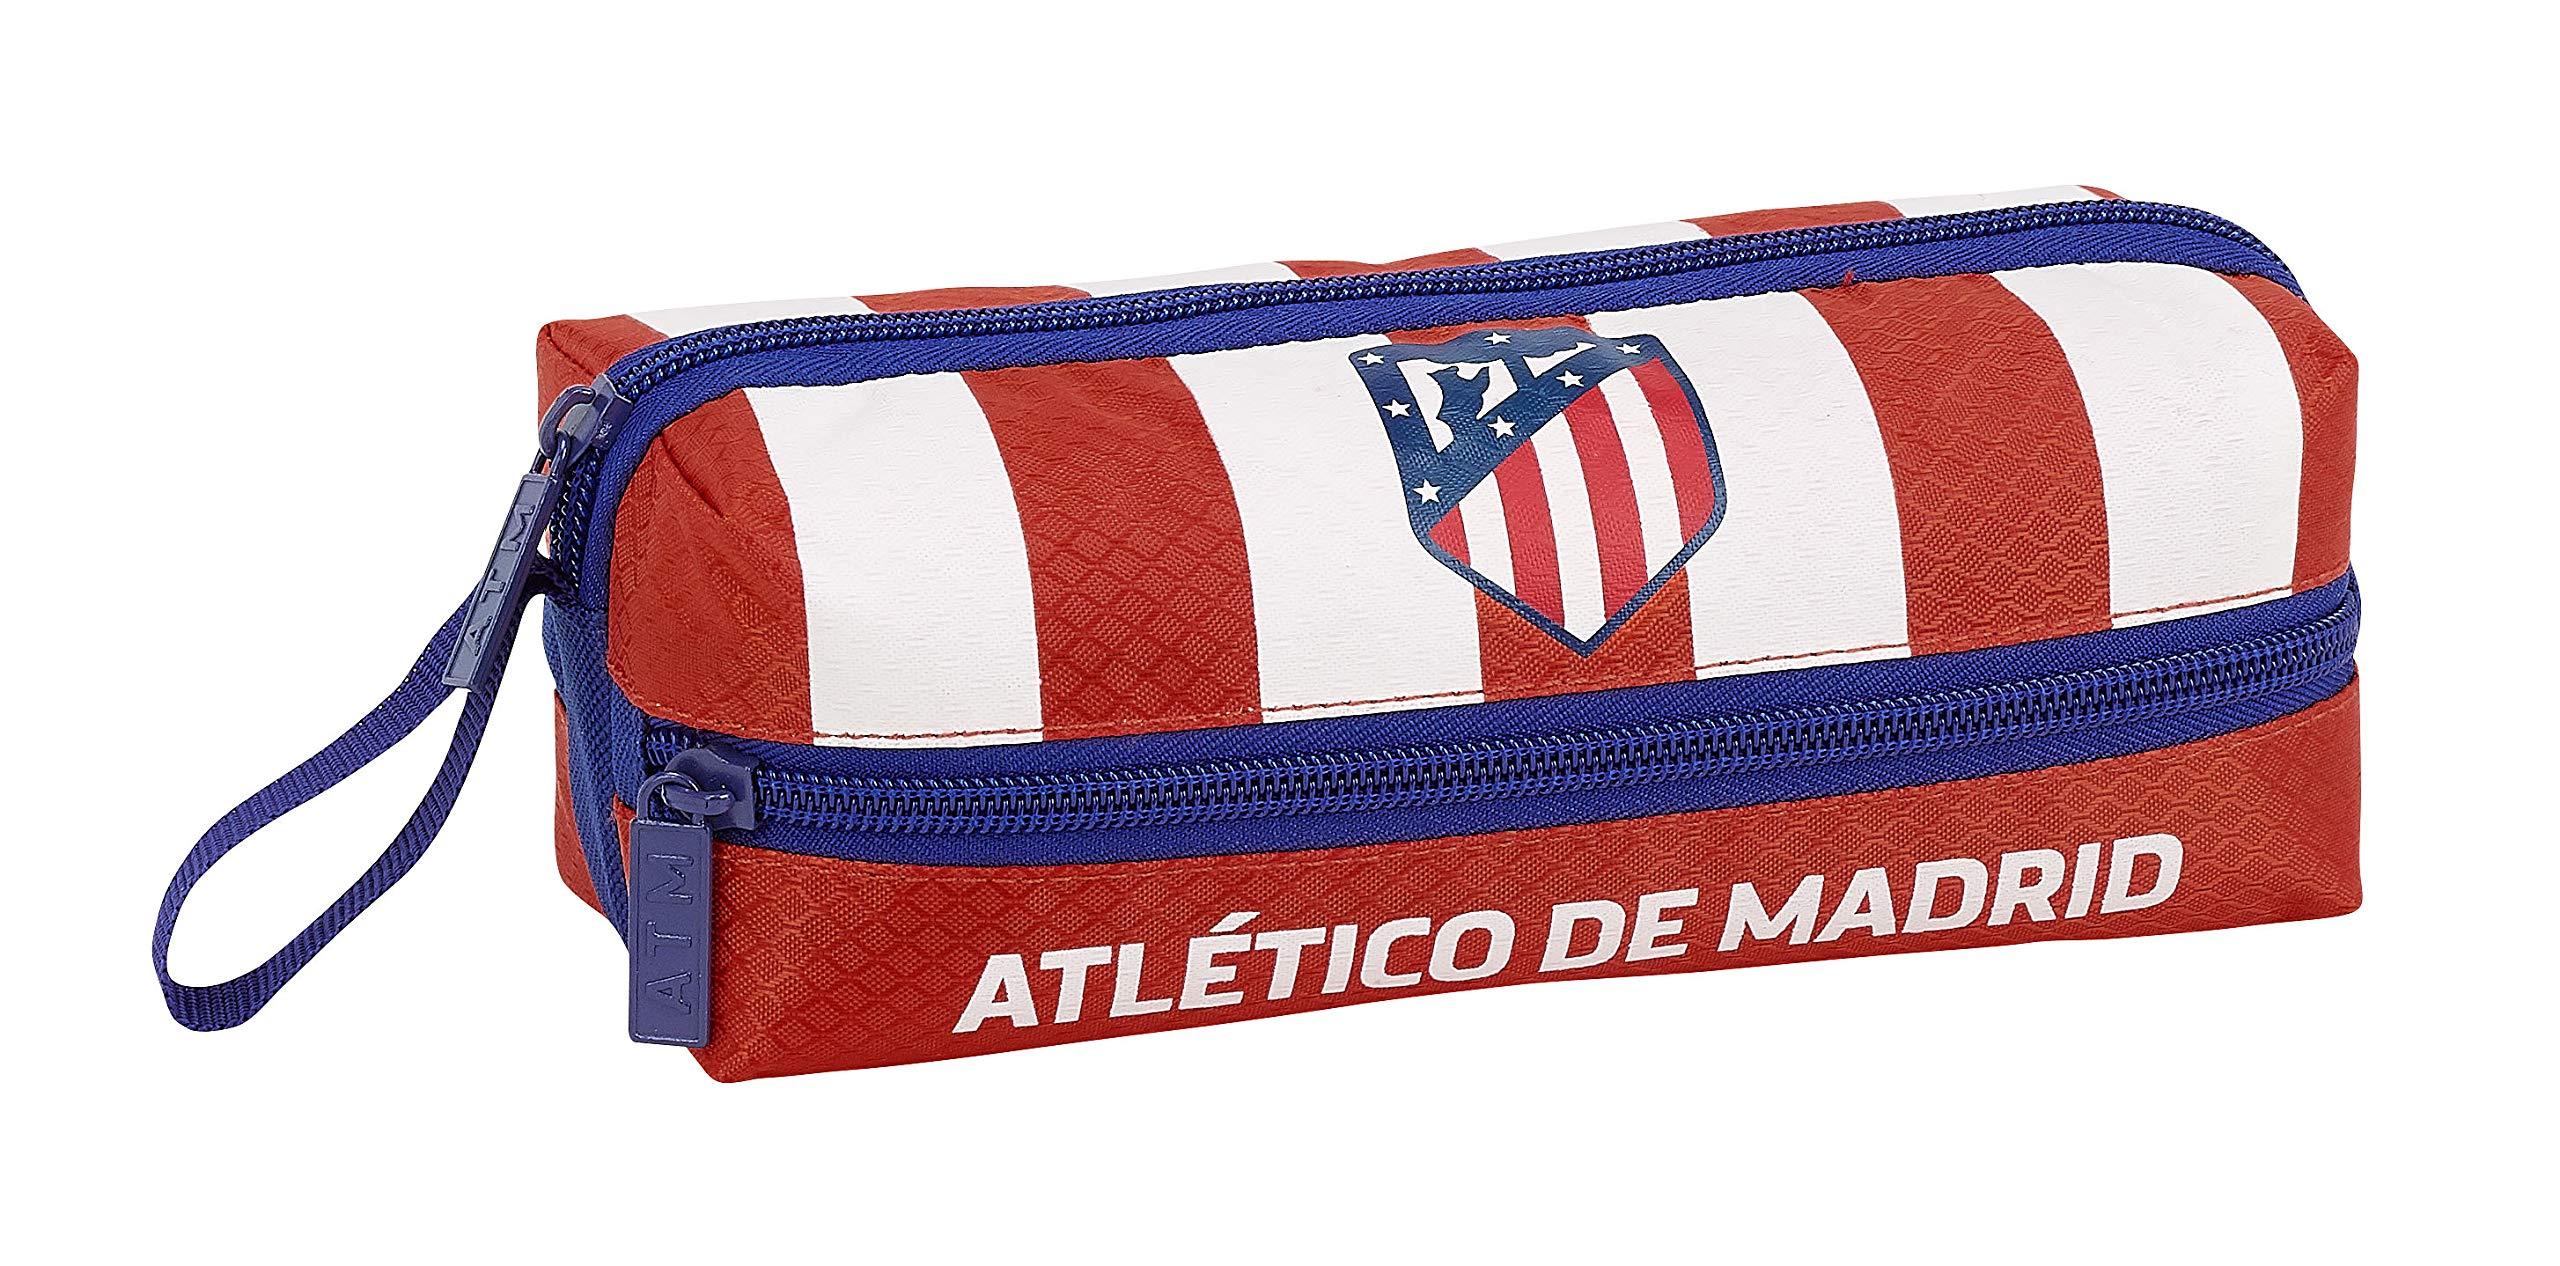 Atlético de Madrid Estuche portatodo Triple 3 Cremalleras Escolar.